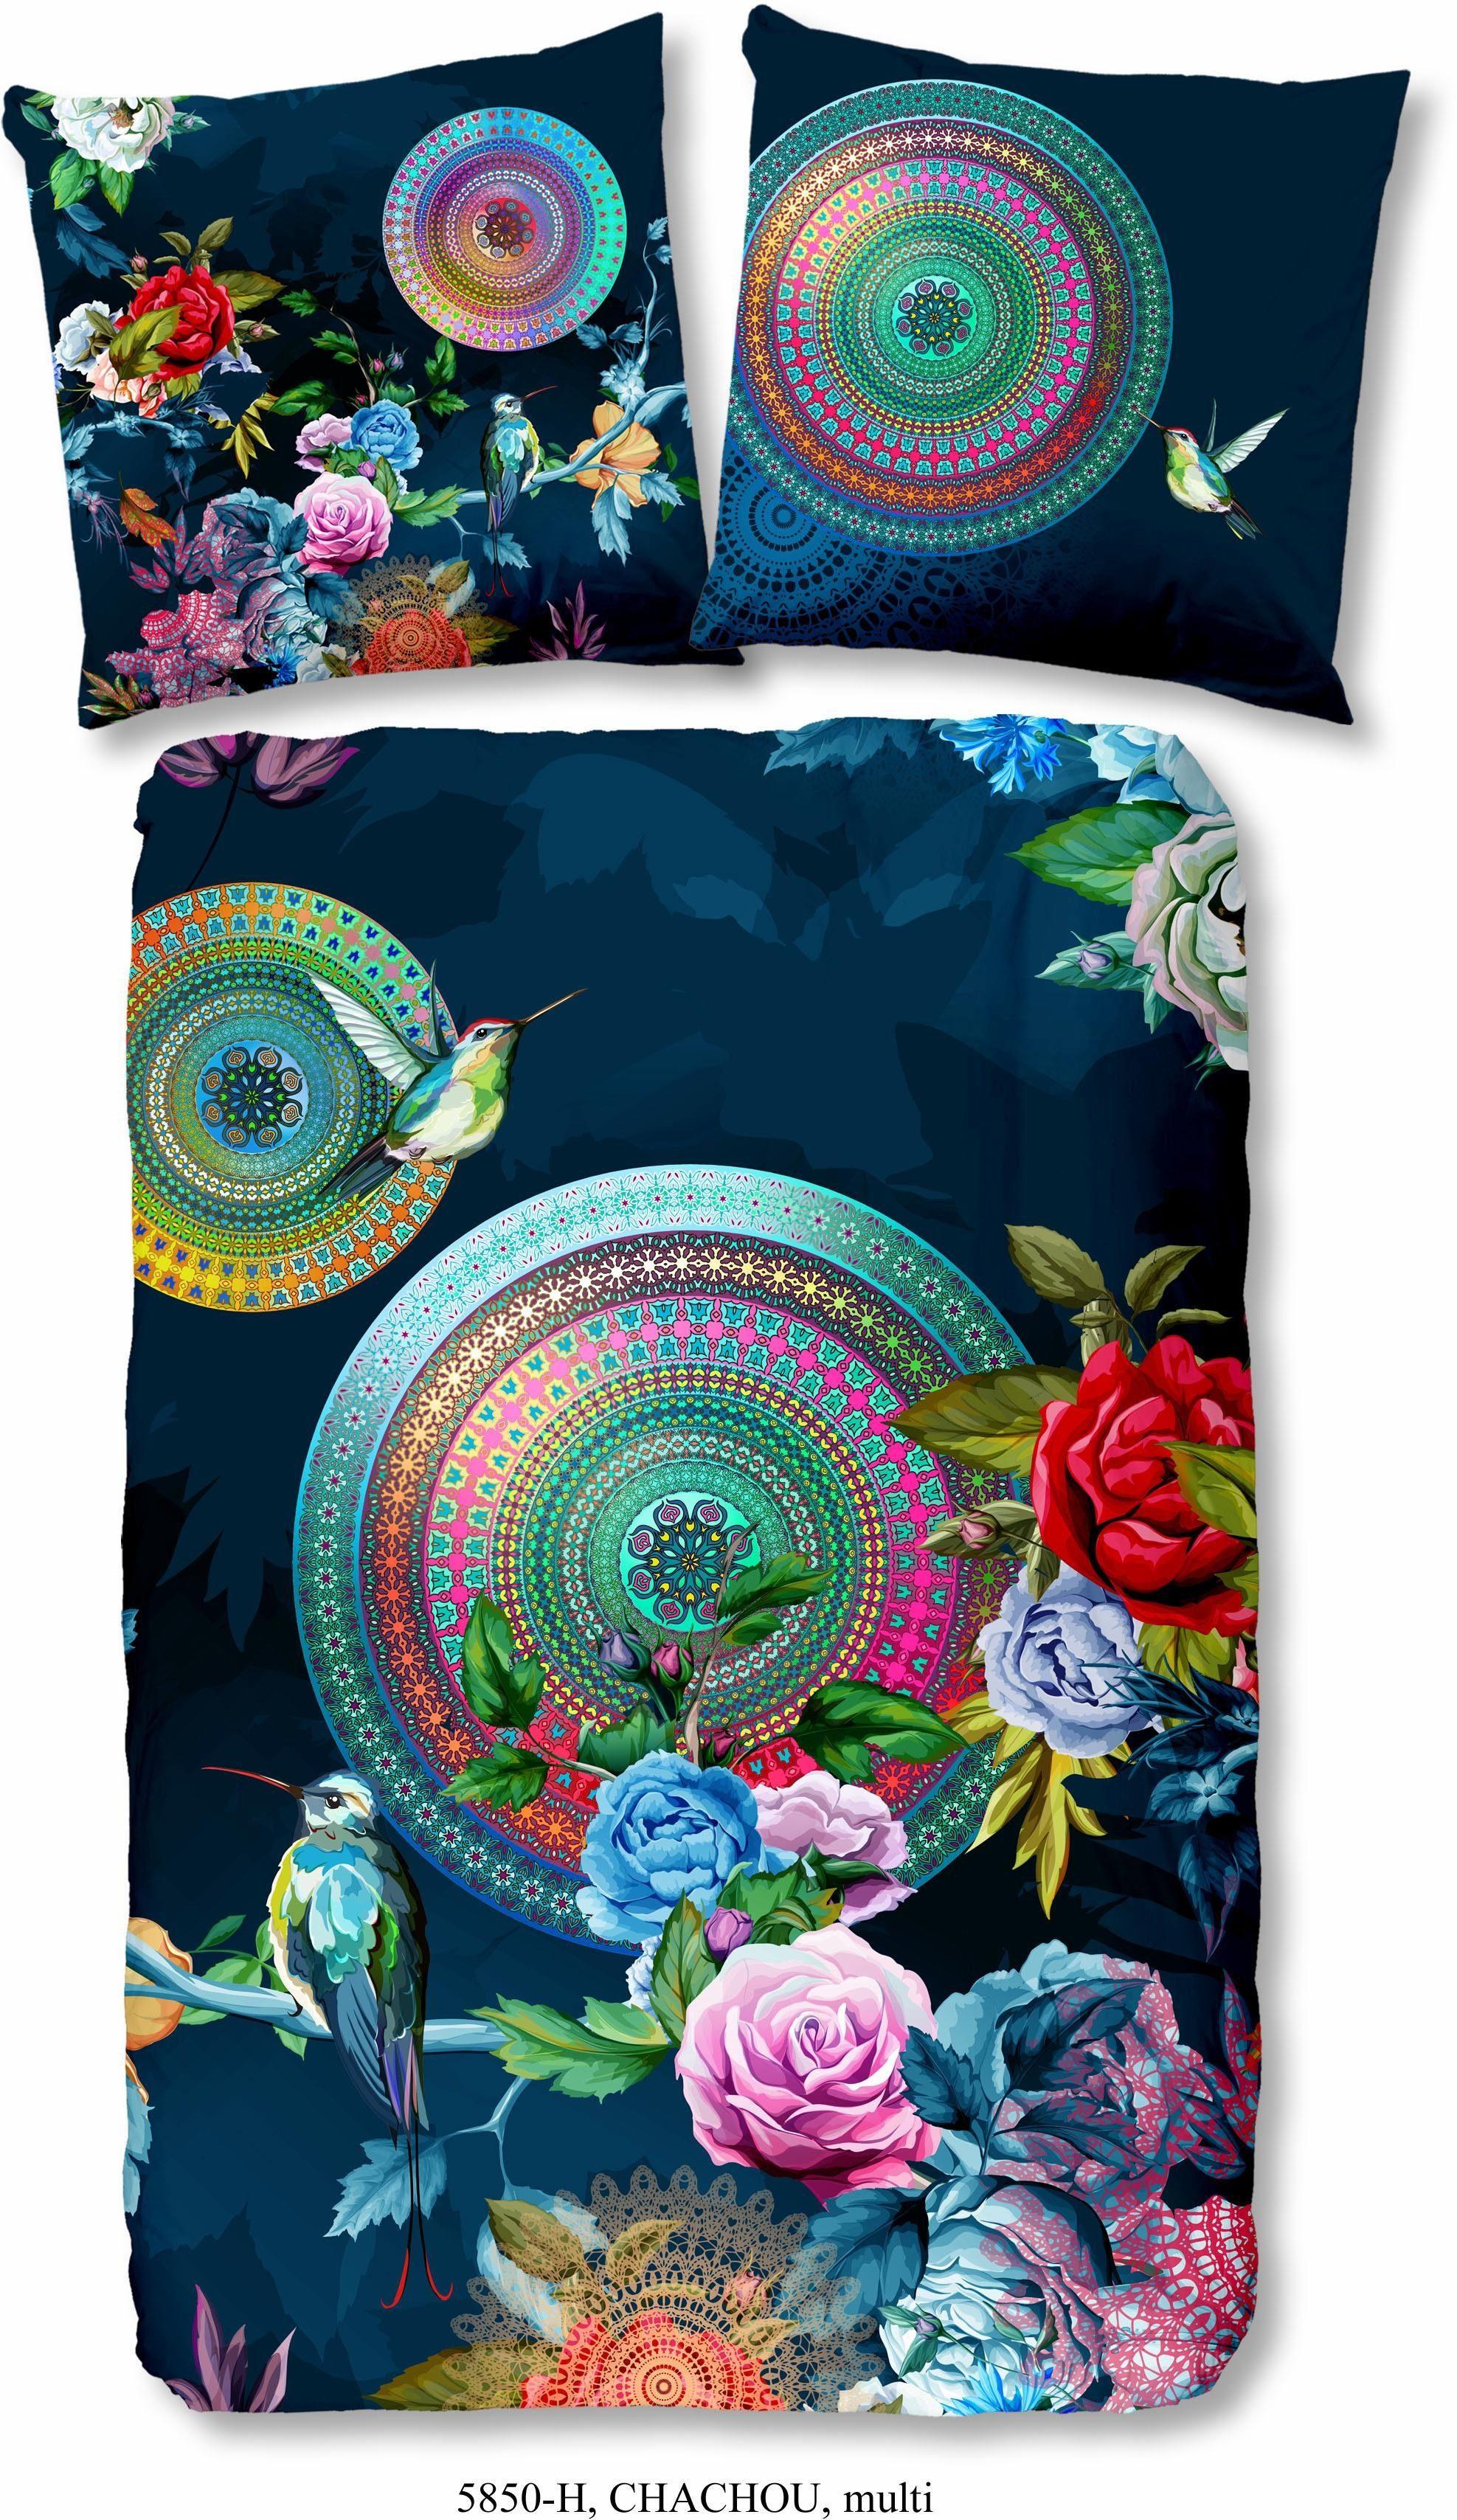 Bettwäsche »Chachou«, hip, mit Blumenmuster